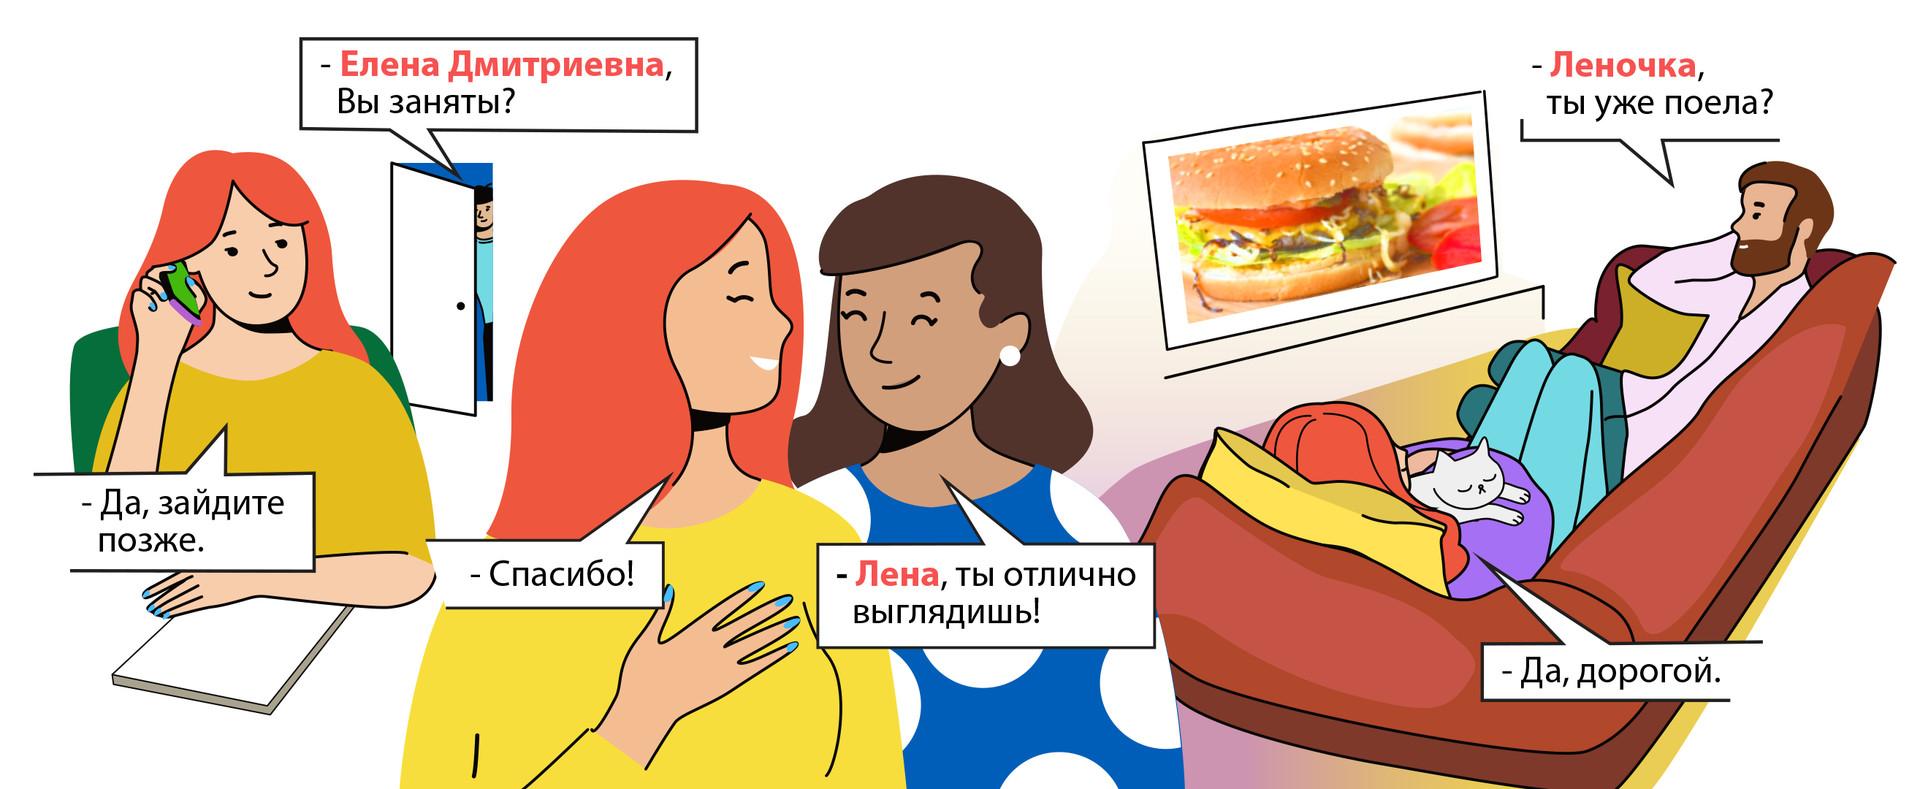 1- Elena Dmitrievna, vous êtes occupée ? - Oui, passez plus tard. 2 - Lena, tu as une allure parfaite ! - Merci ! 3 - Lenotchka, tu as déjà mangé ? - Oui, mon chéri.